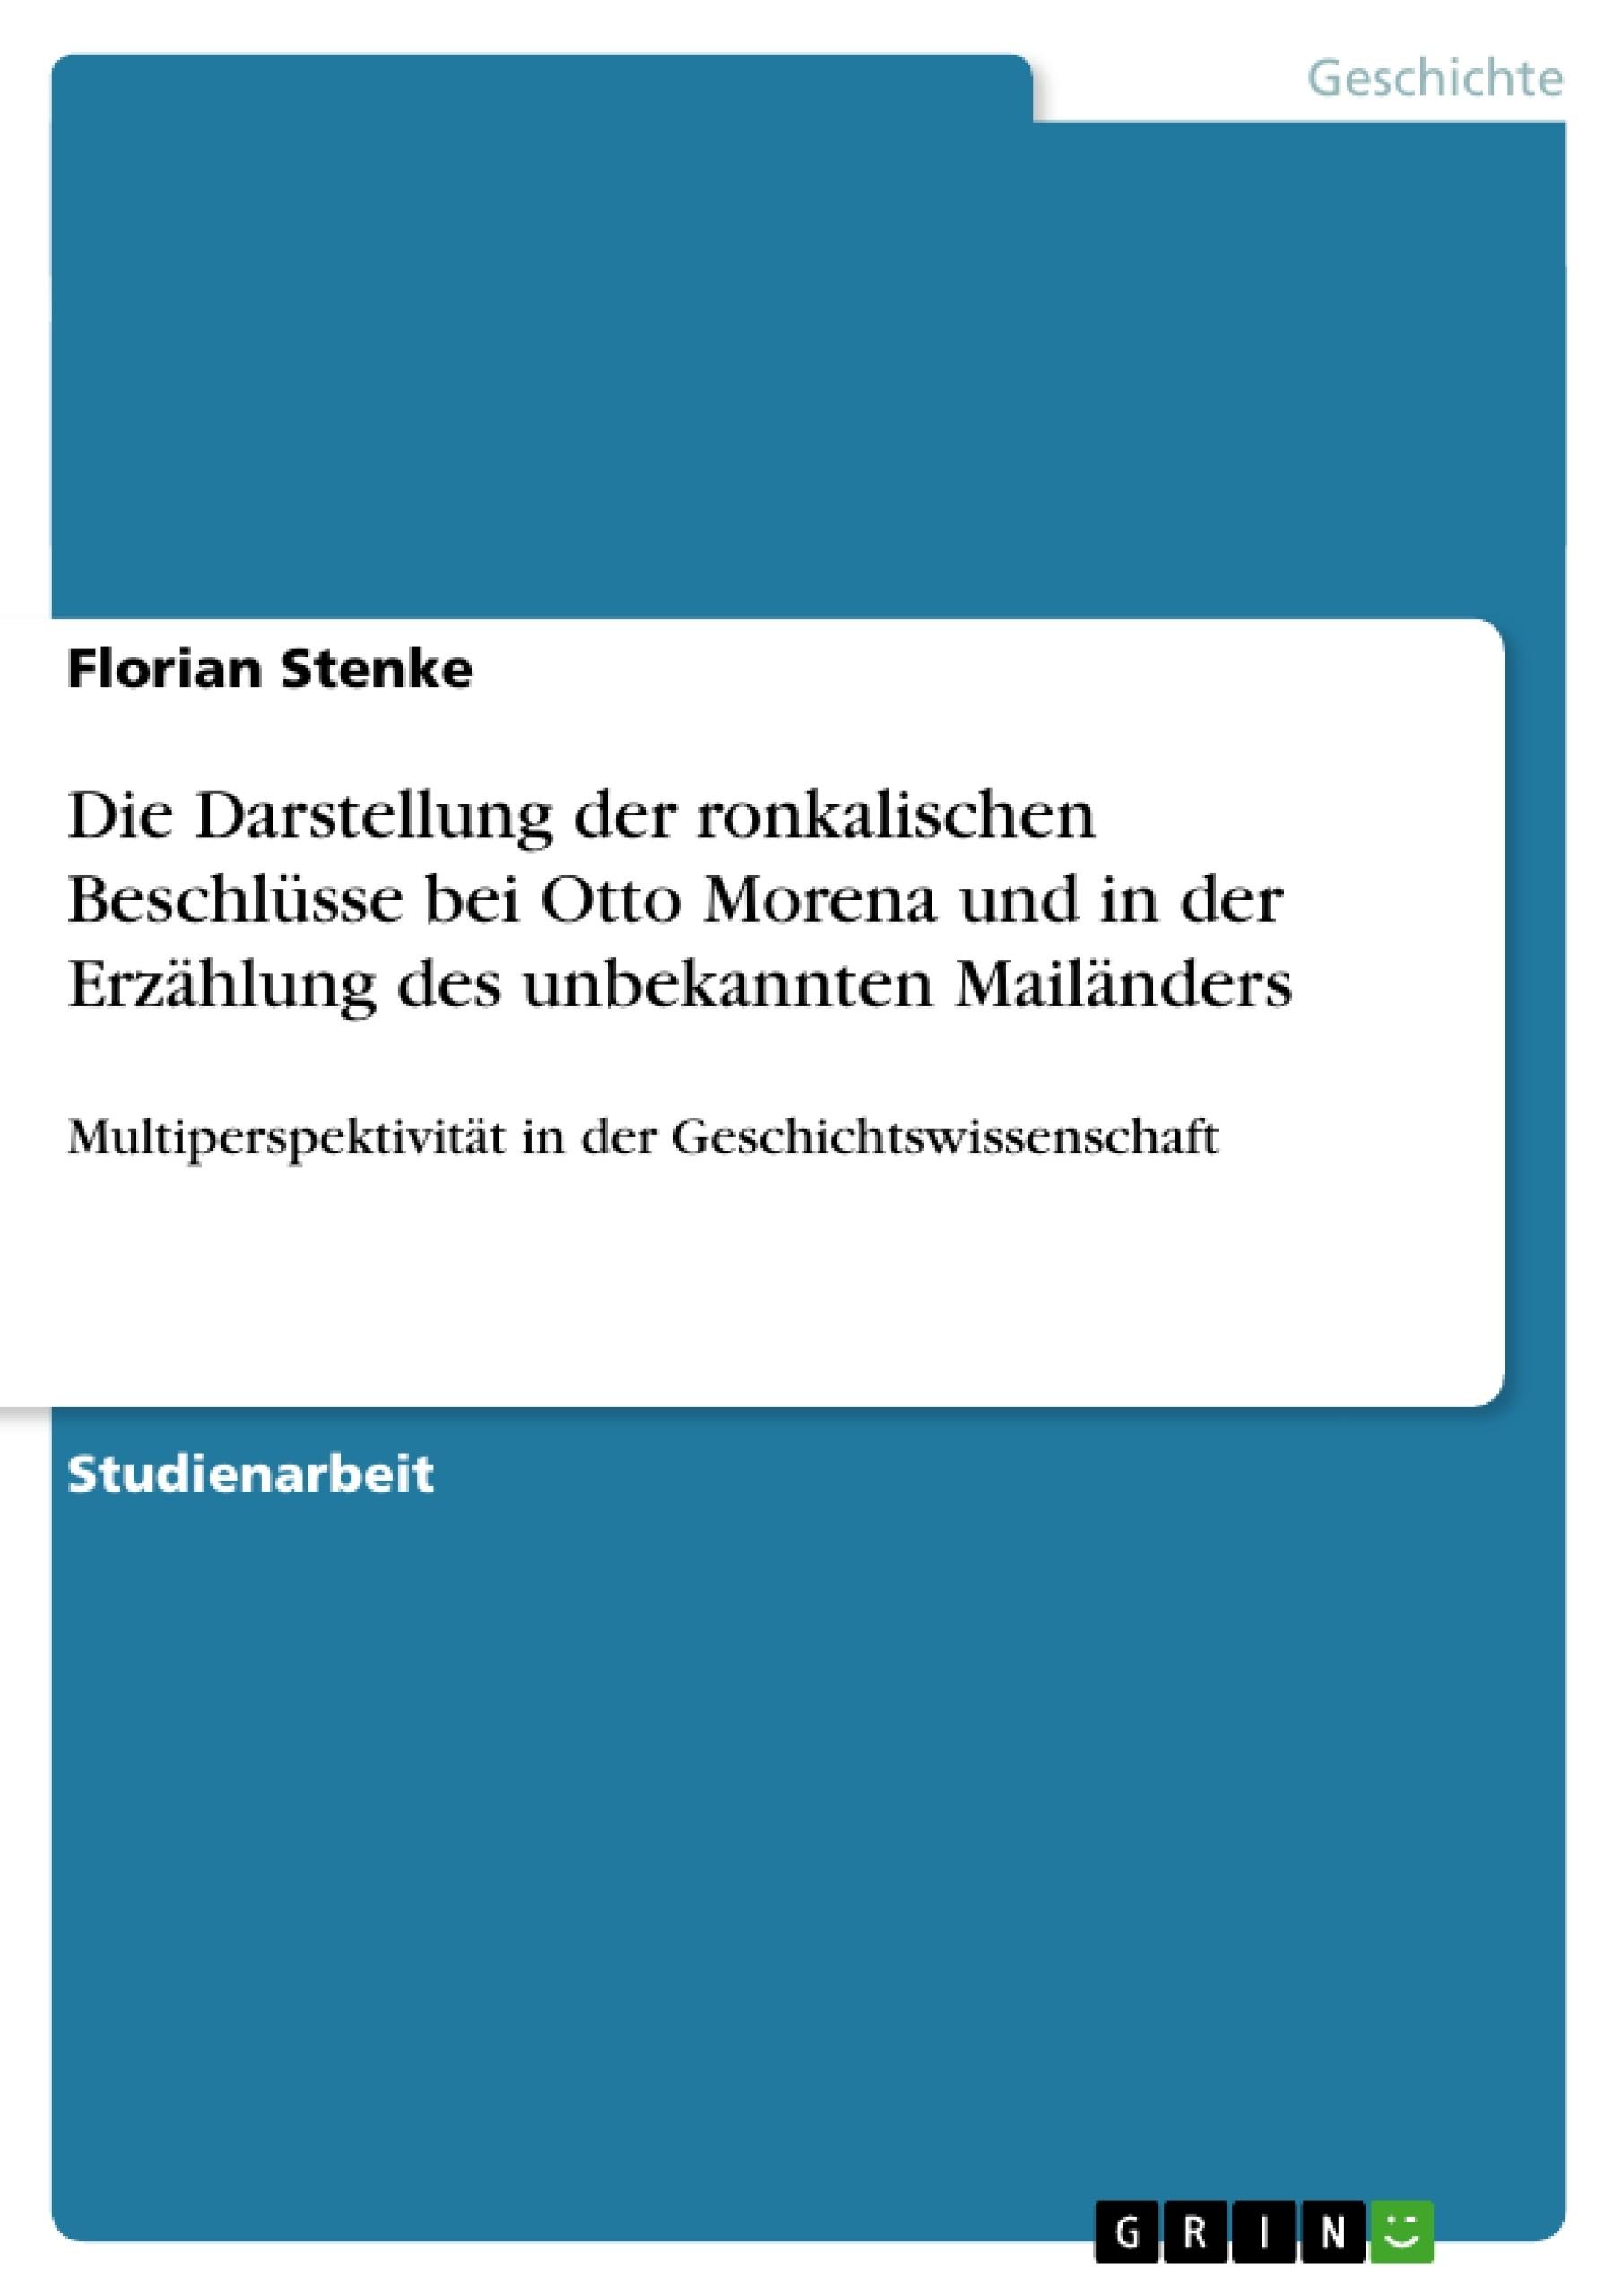 Titel: Die Darstellung der ronkalischen Beschlüsse bei Otto Morena und in der Erzählung des unbekannten Mailänders